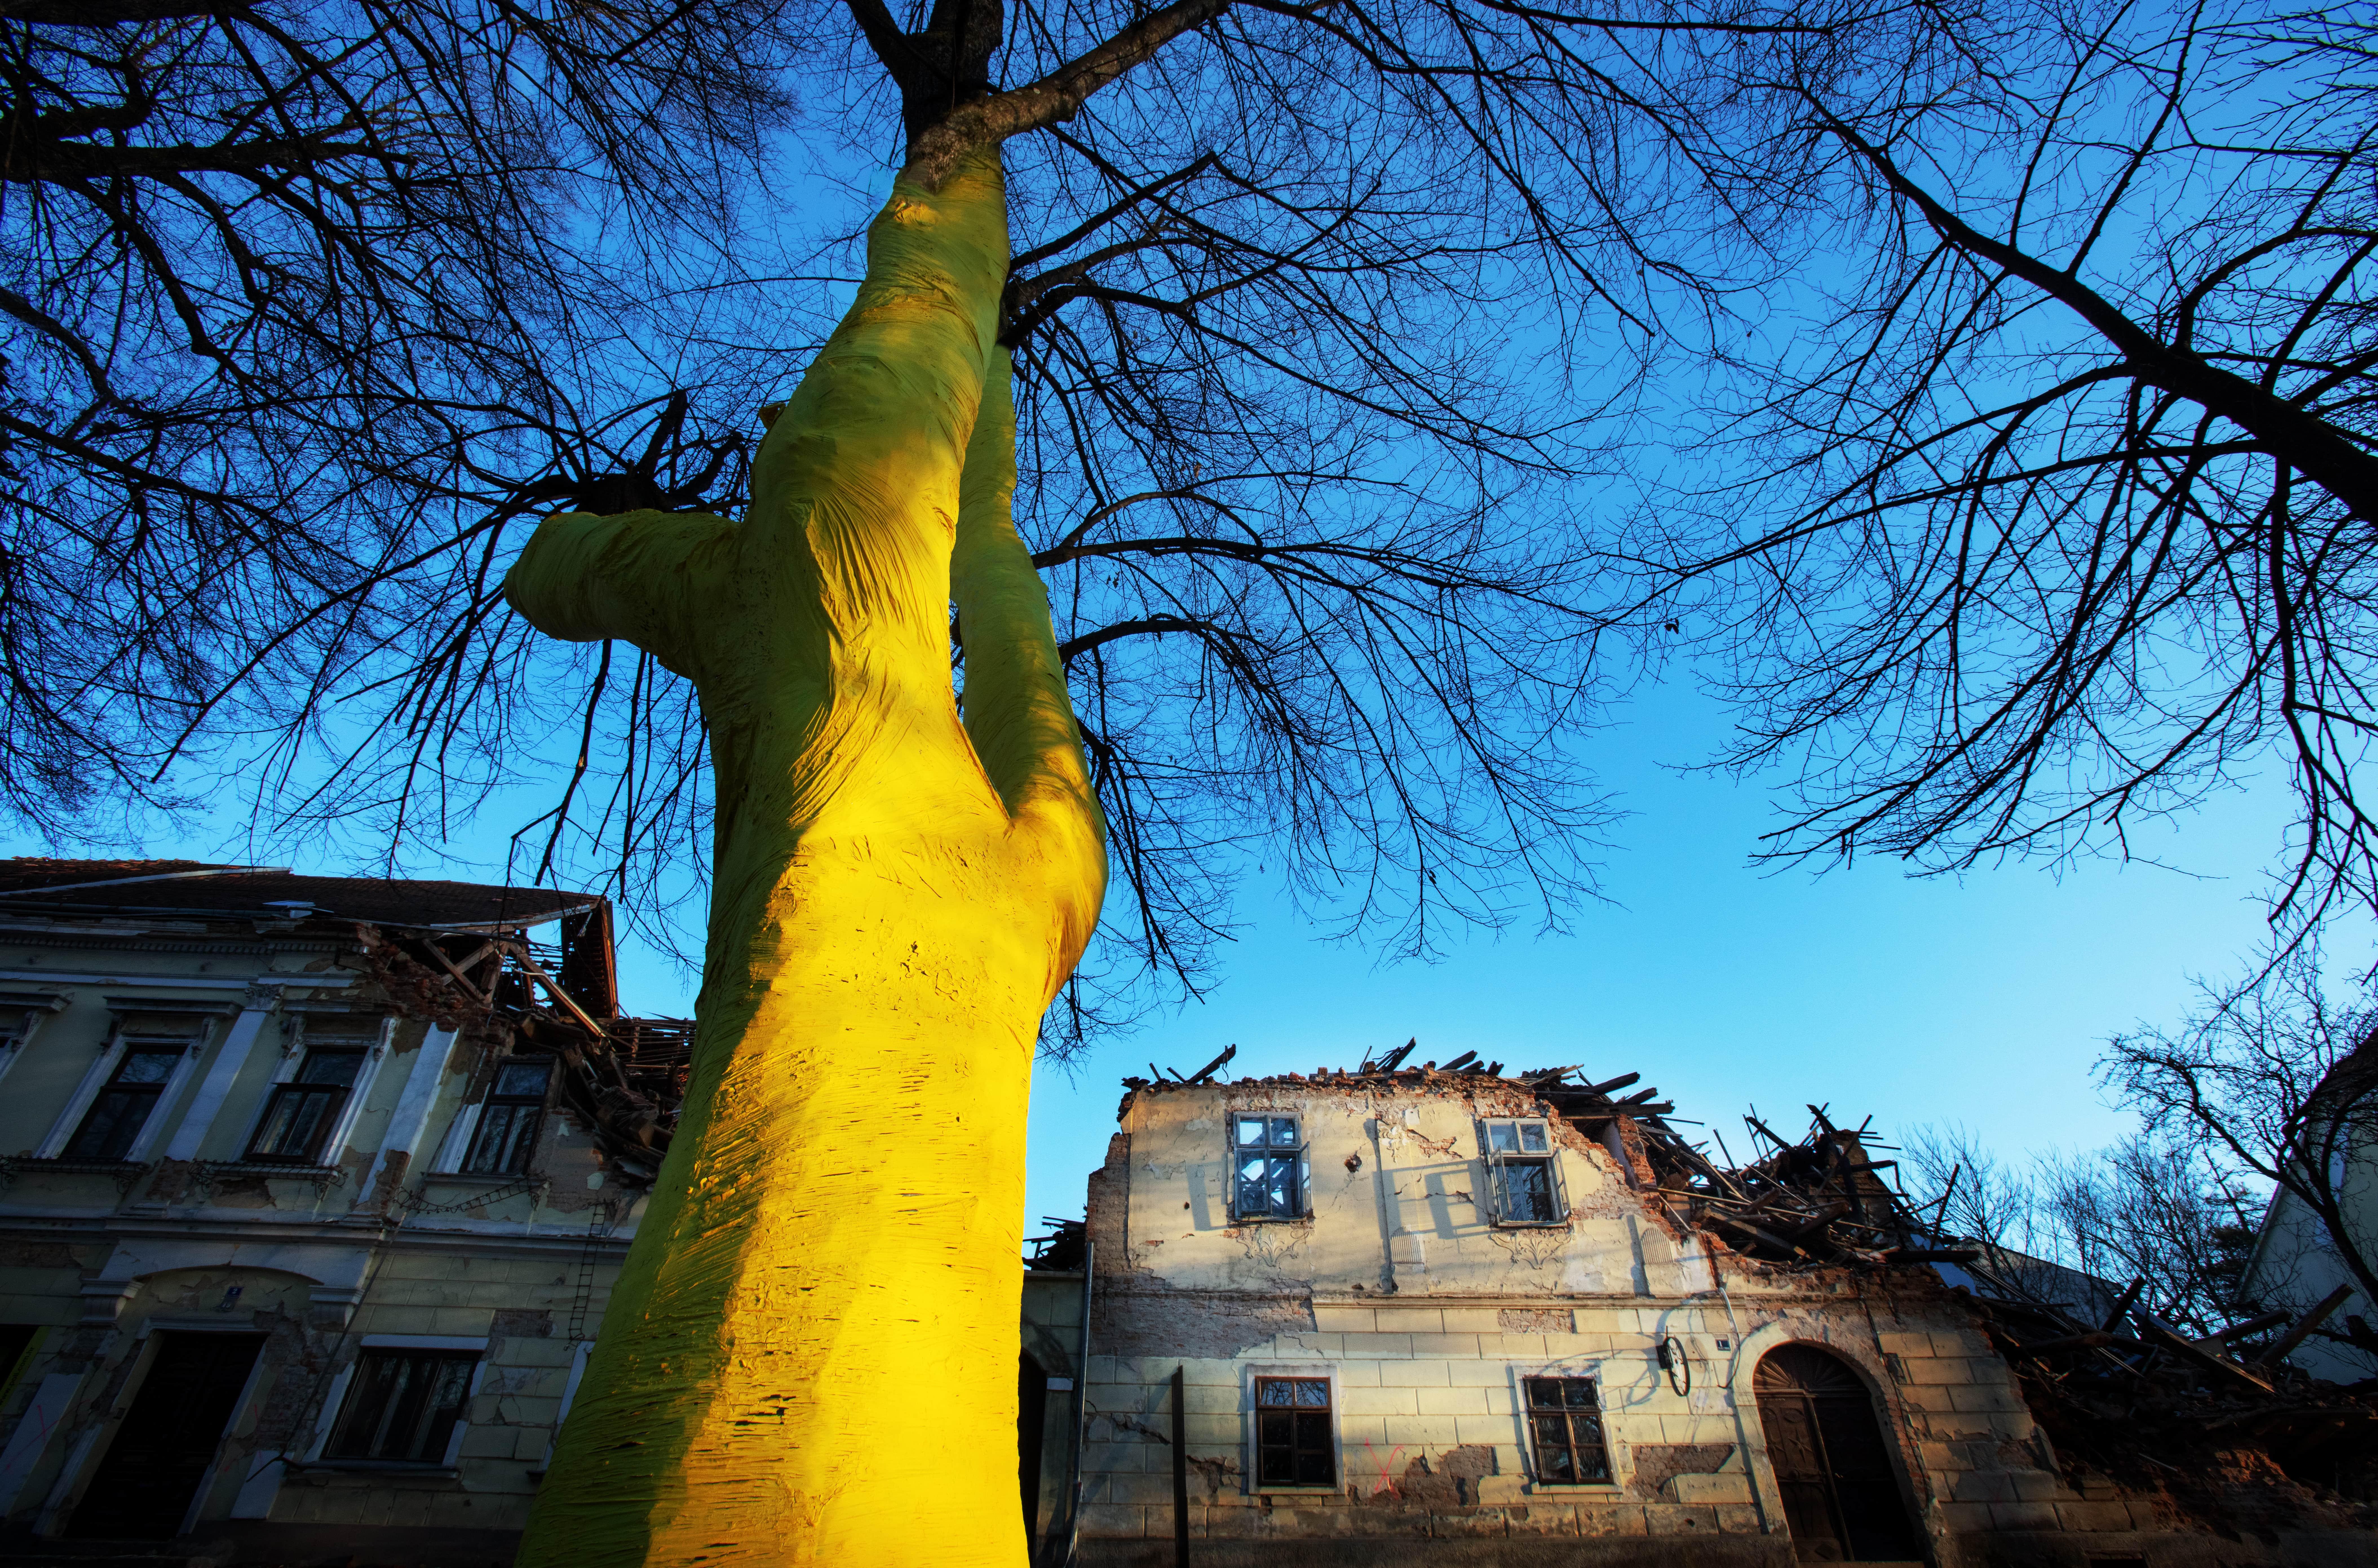 Fotografija Damira Hoyke. Obojeno stablo simbolizira nadu i optimizam.